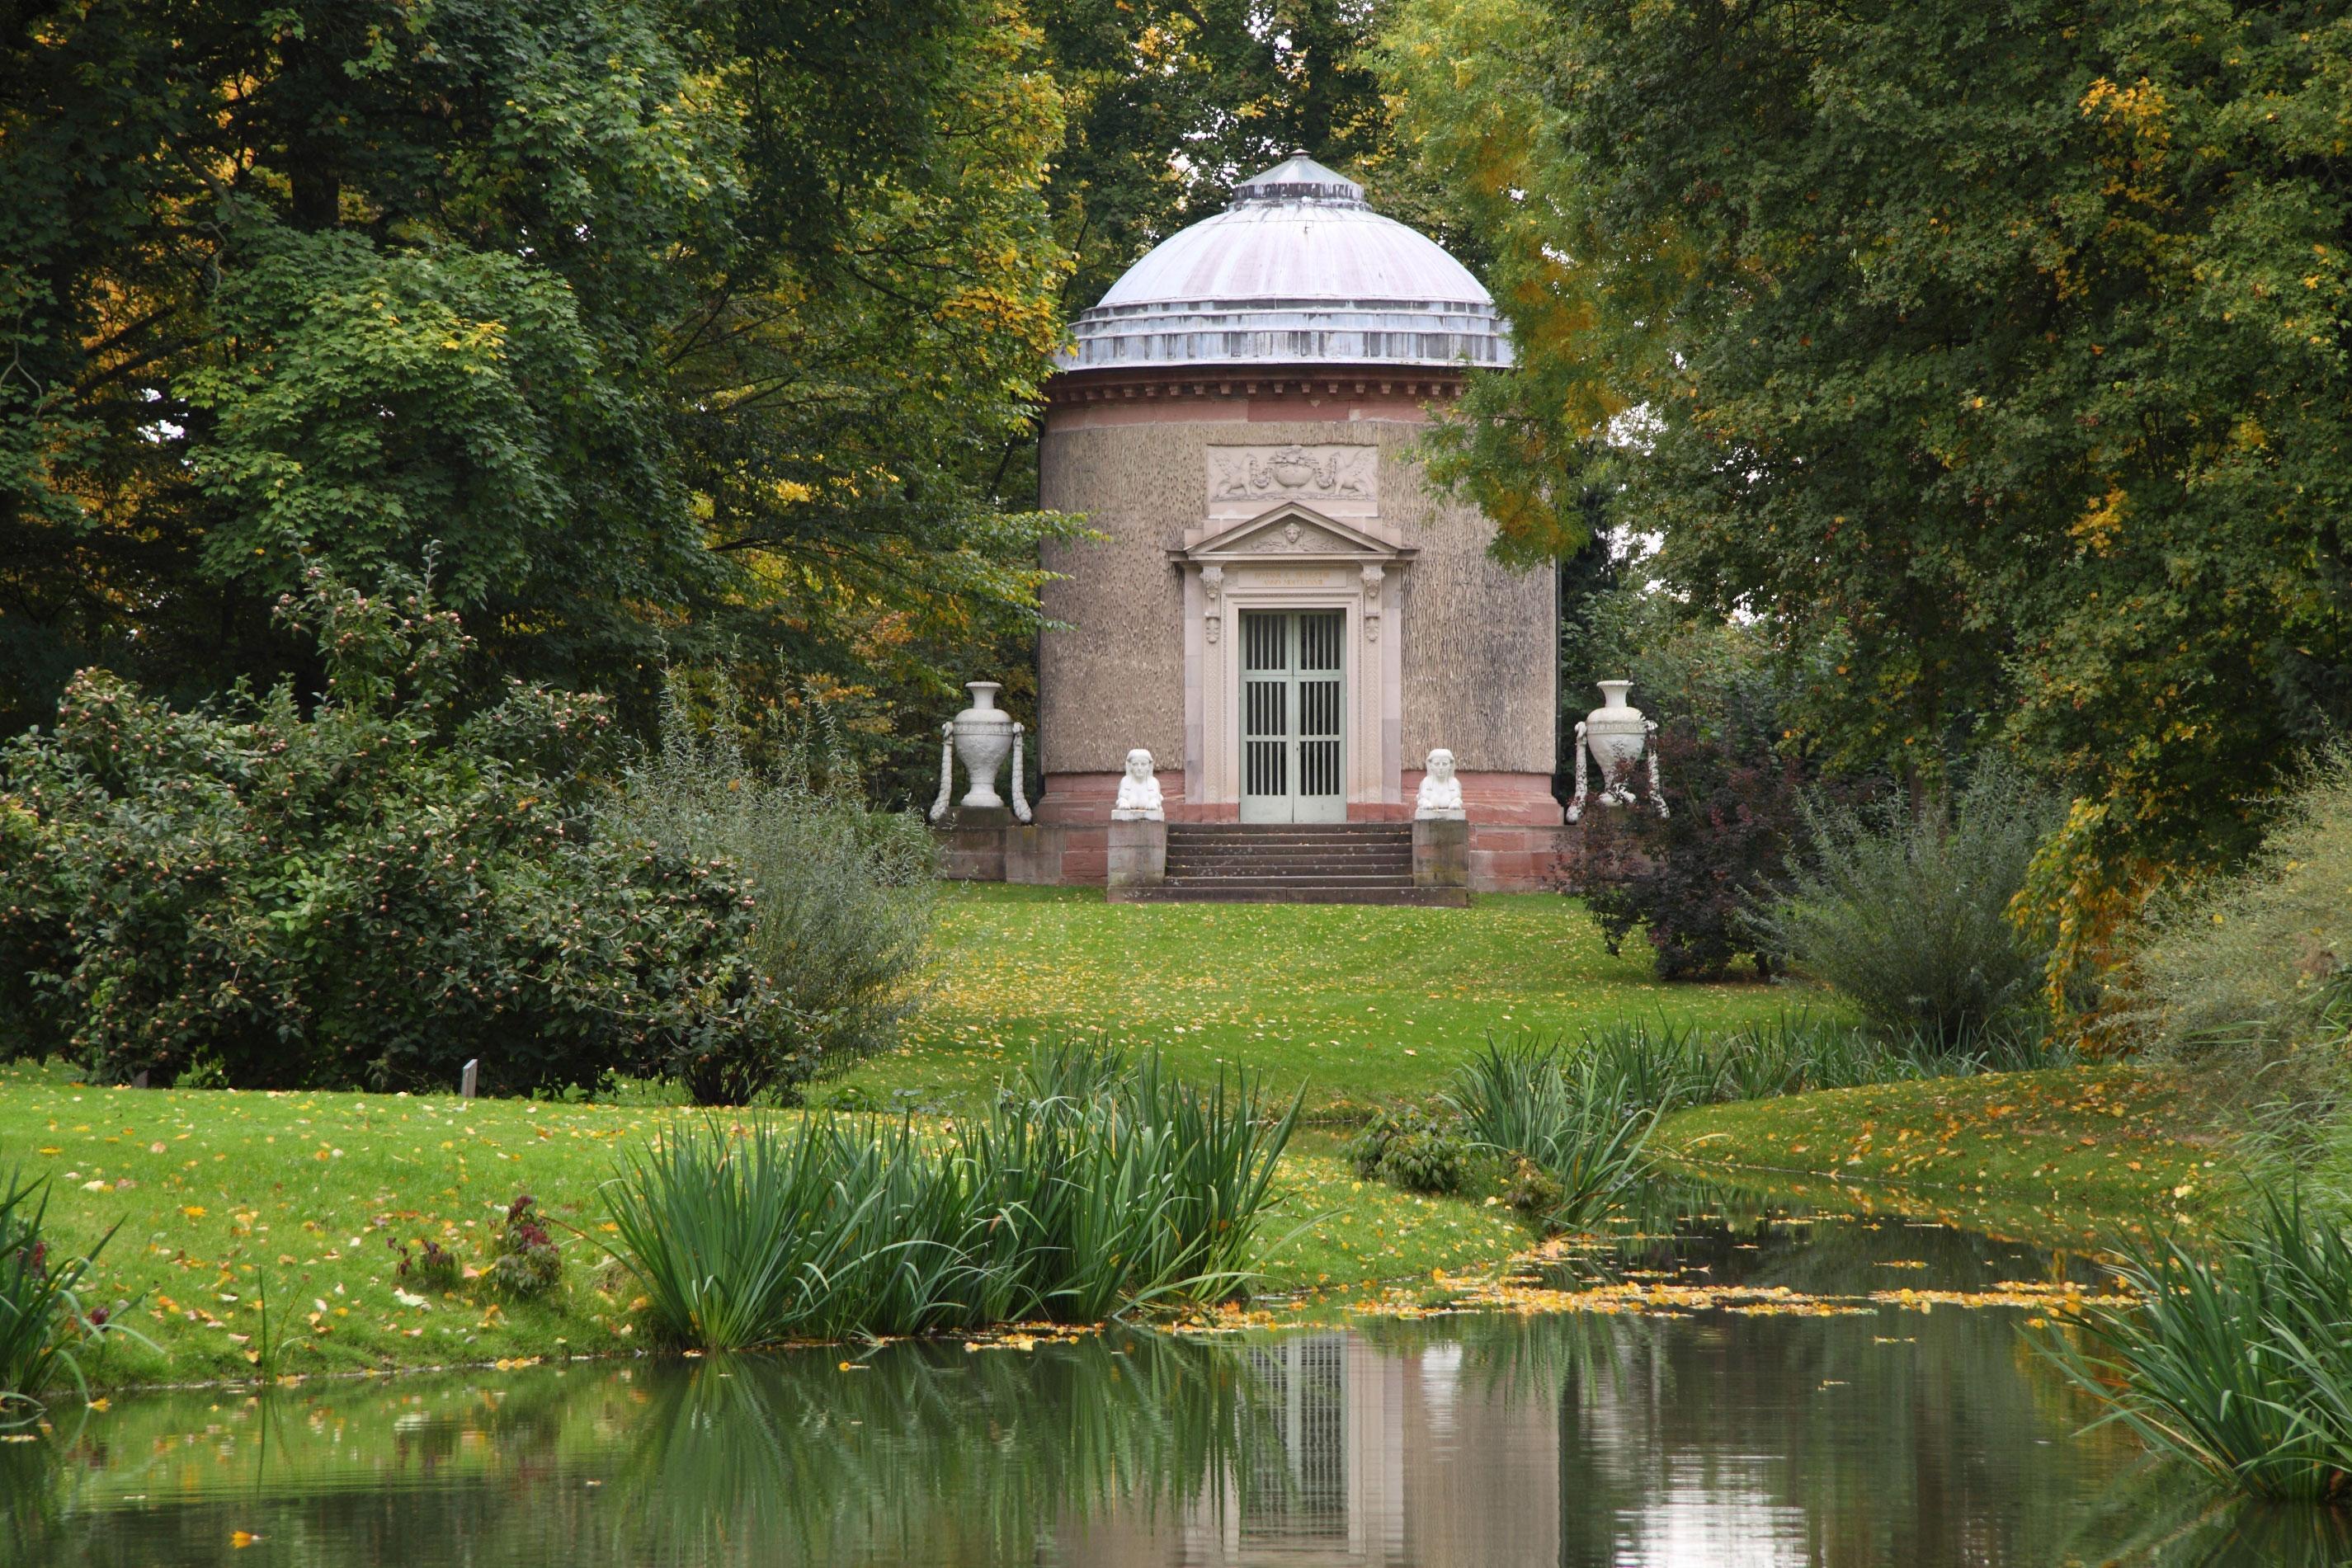 Tempel der Botanik im Schlossgarten von Schloss Schwetzingen